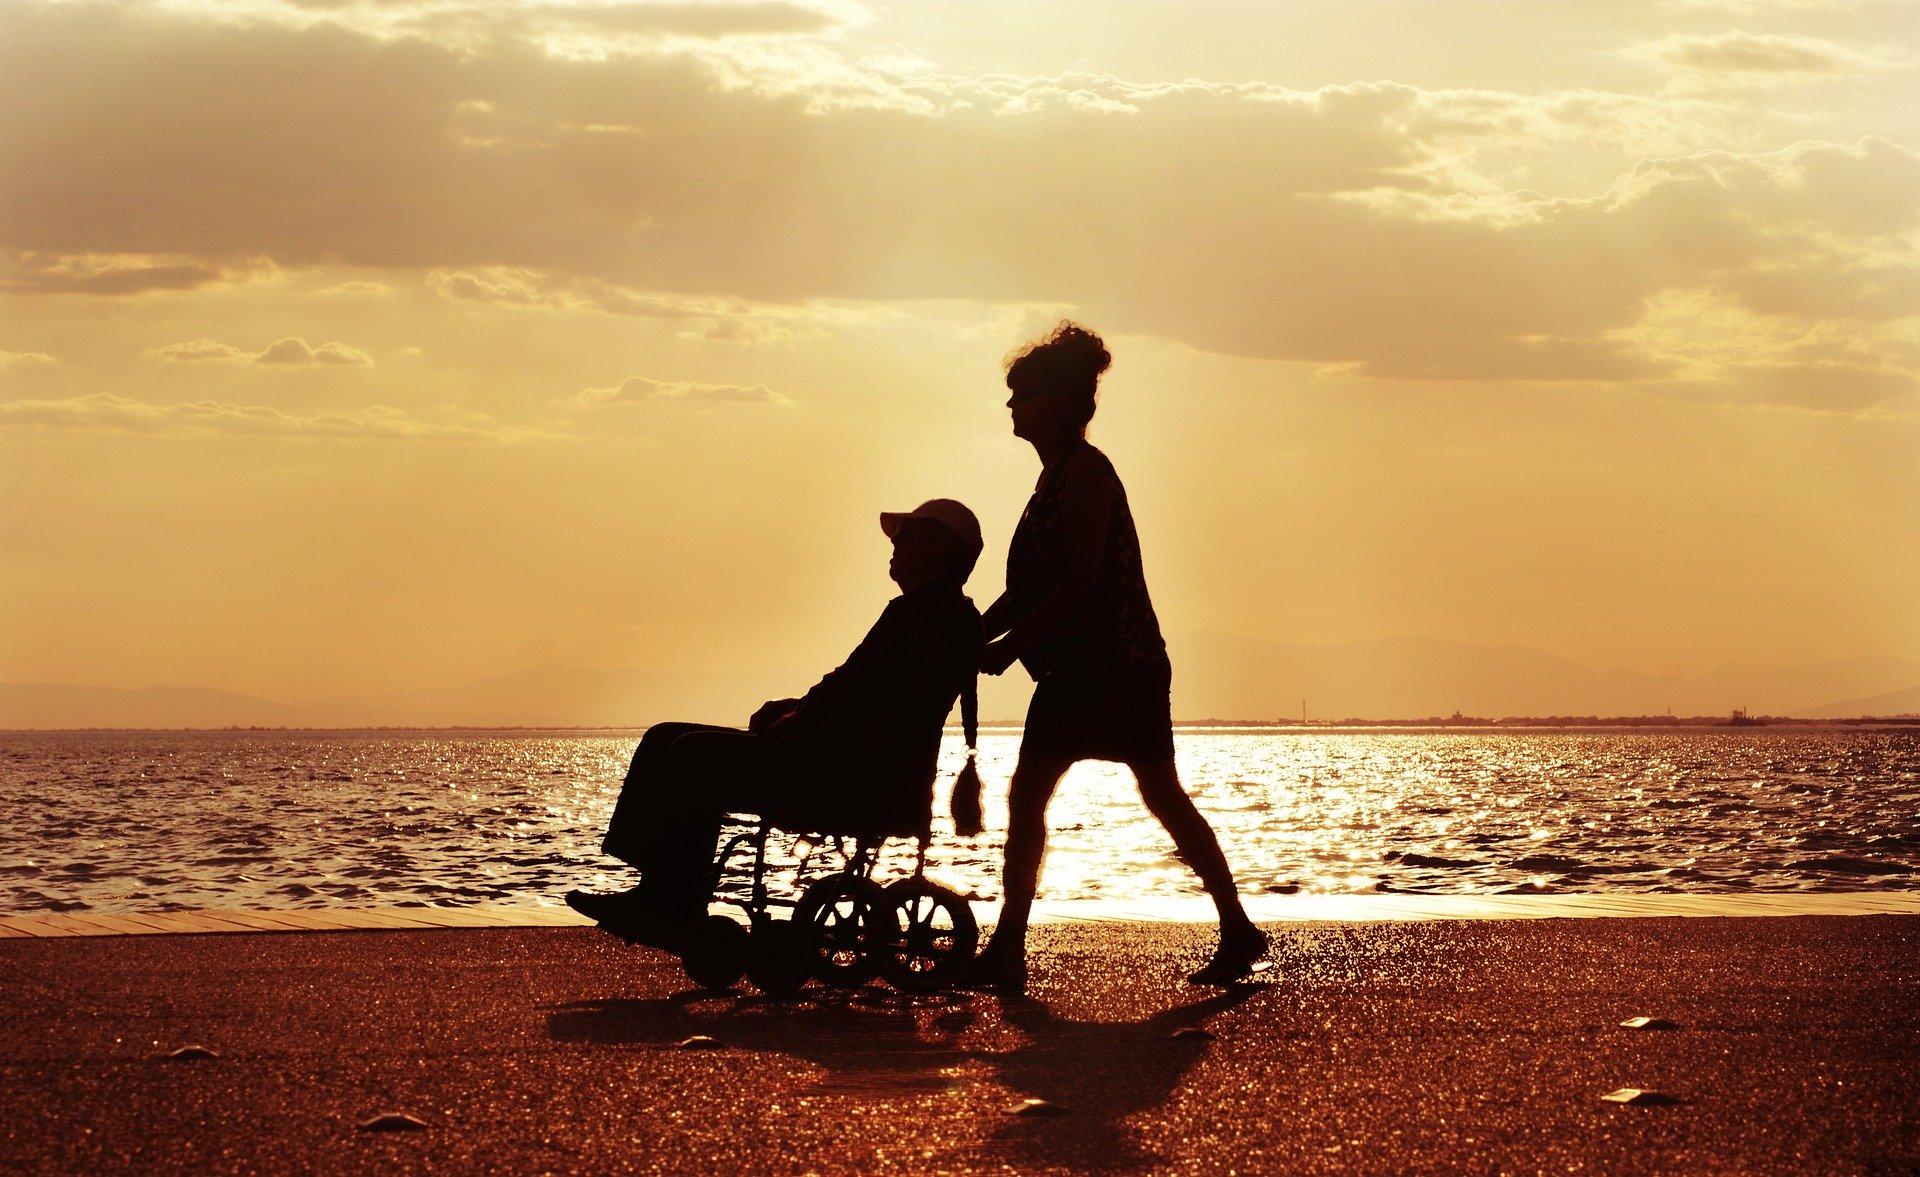 中禅寺湖の遊覧船に車椅子で乗船出来る?